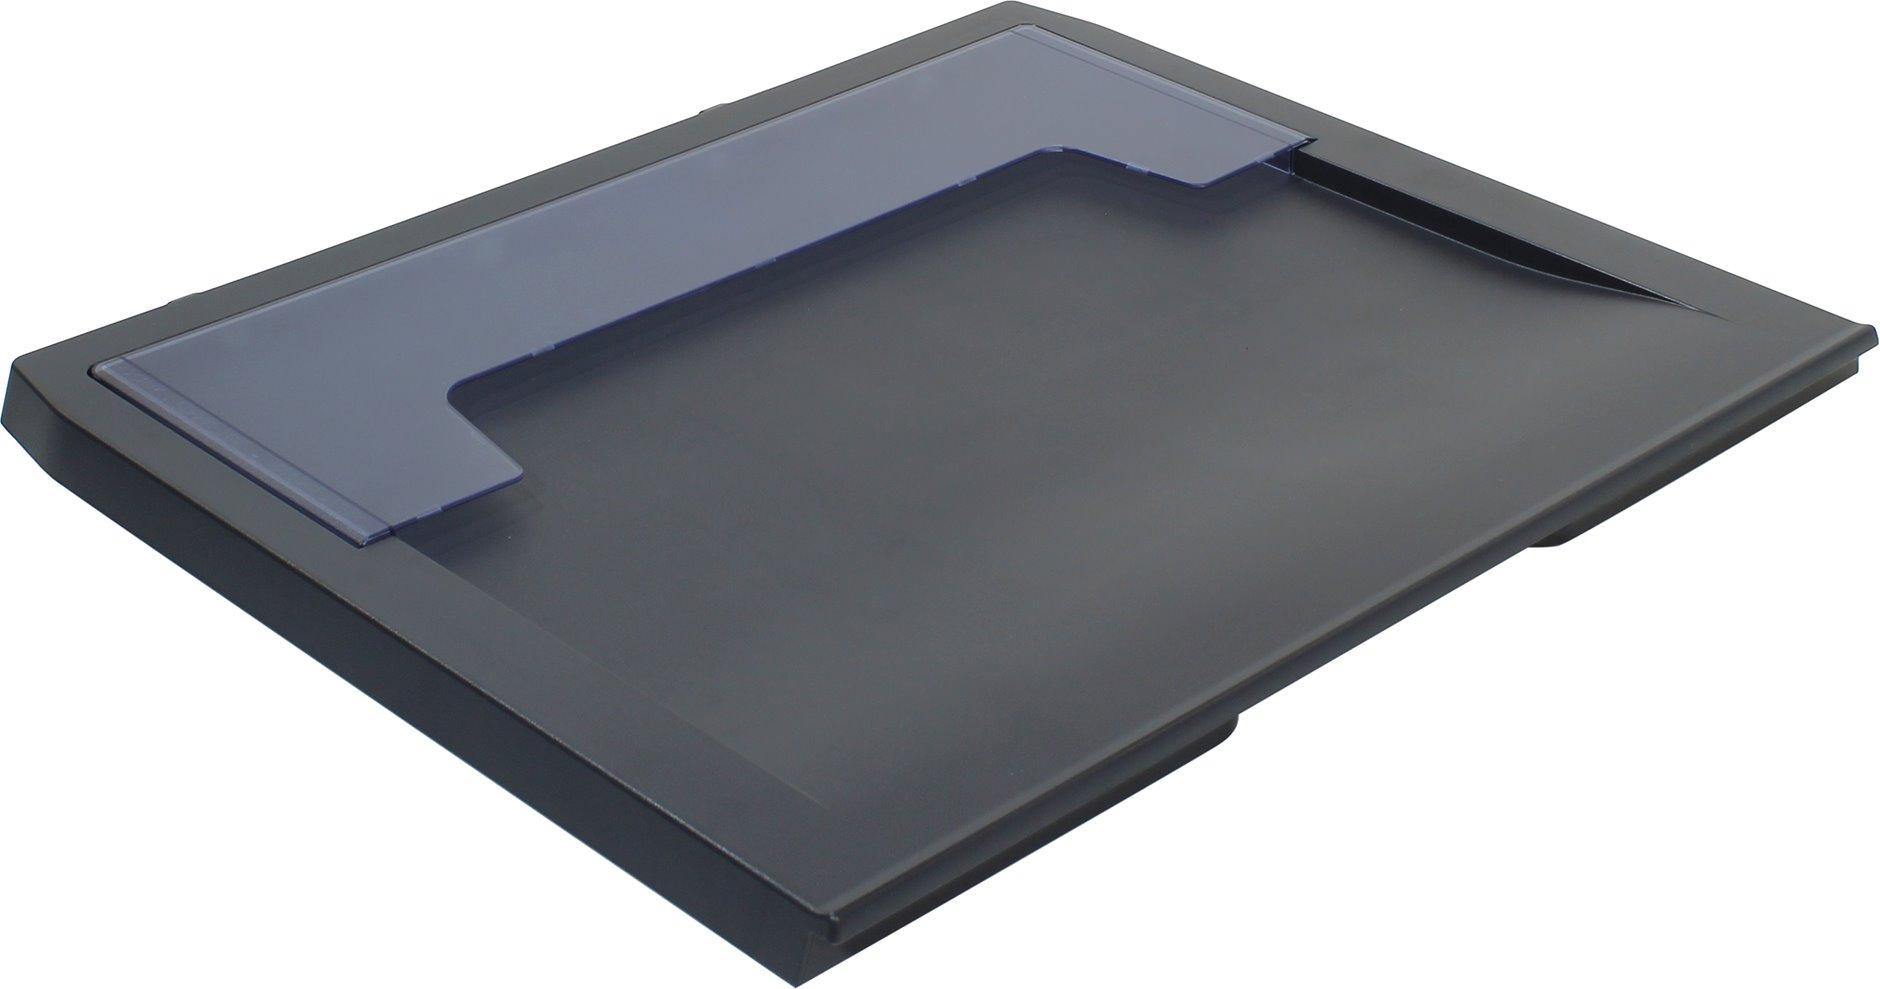 Крышка Kyocera Platen Cover (Type E)